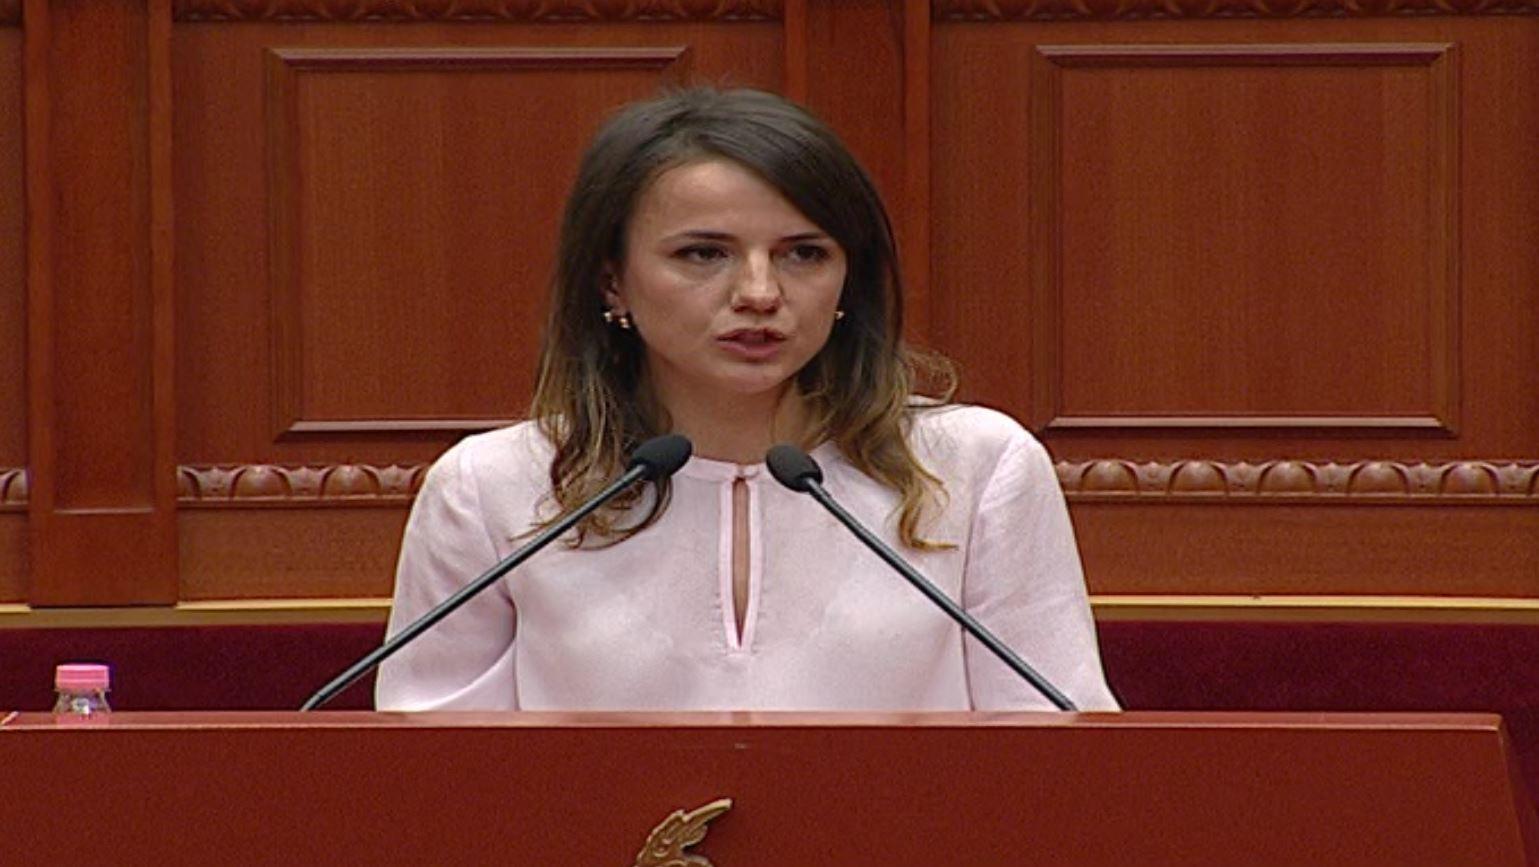 Gafa e Rudina Hajdarit në Kuvend: Në Letoni humbën jetë tre ushtarakë